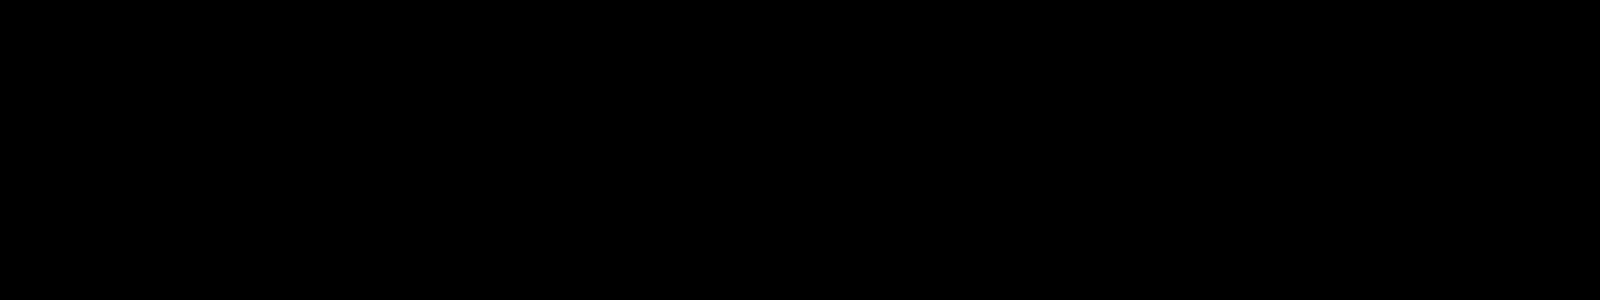 άρθρο στην Θεσσαλία 14/03/2019 με θέμα «Διαταραχές συμπεριφοράς και όρια στην οικογένεια»